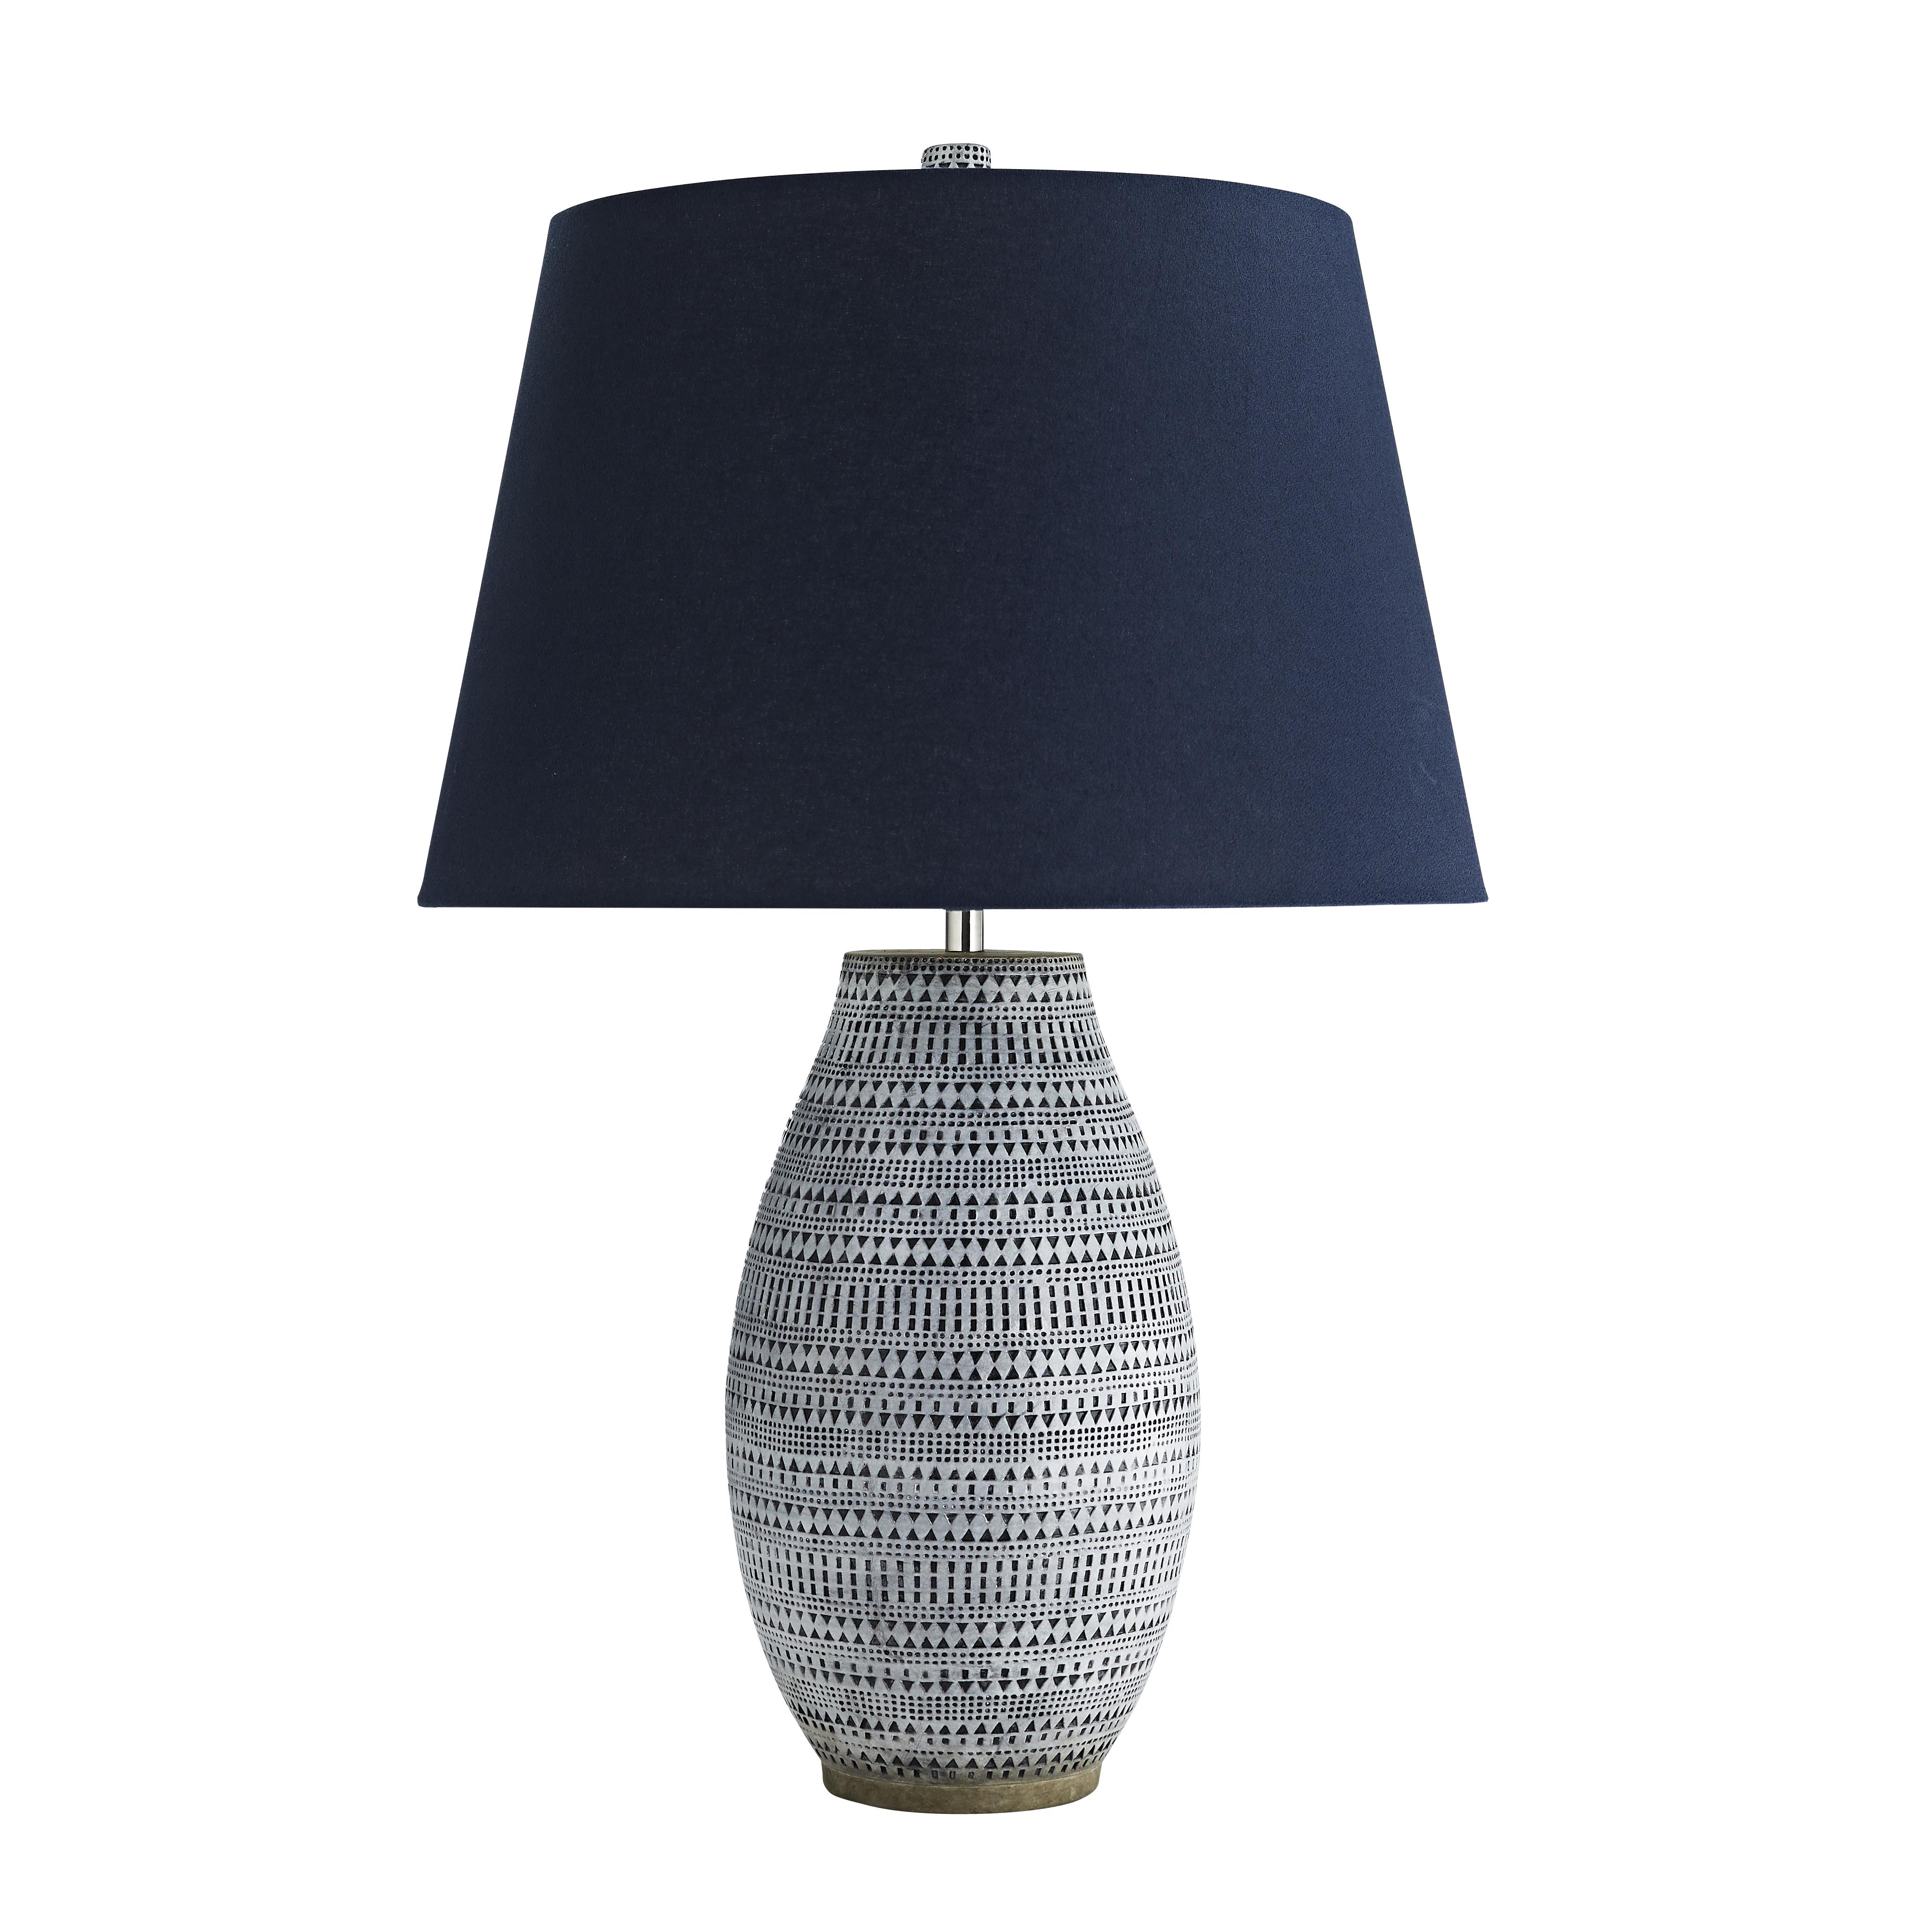 Arteriors Sachin lamp